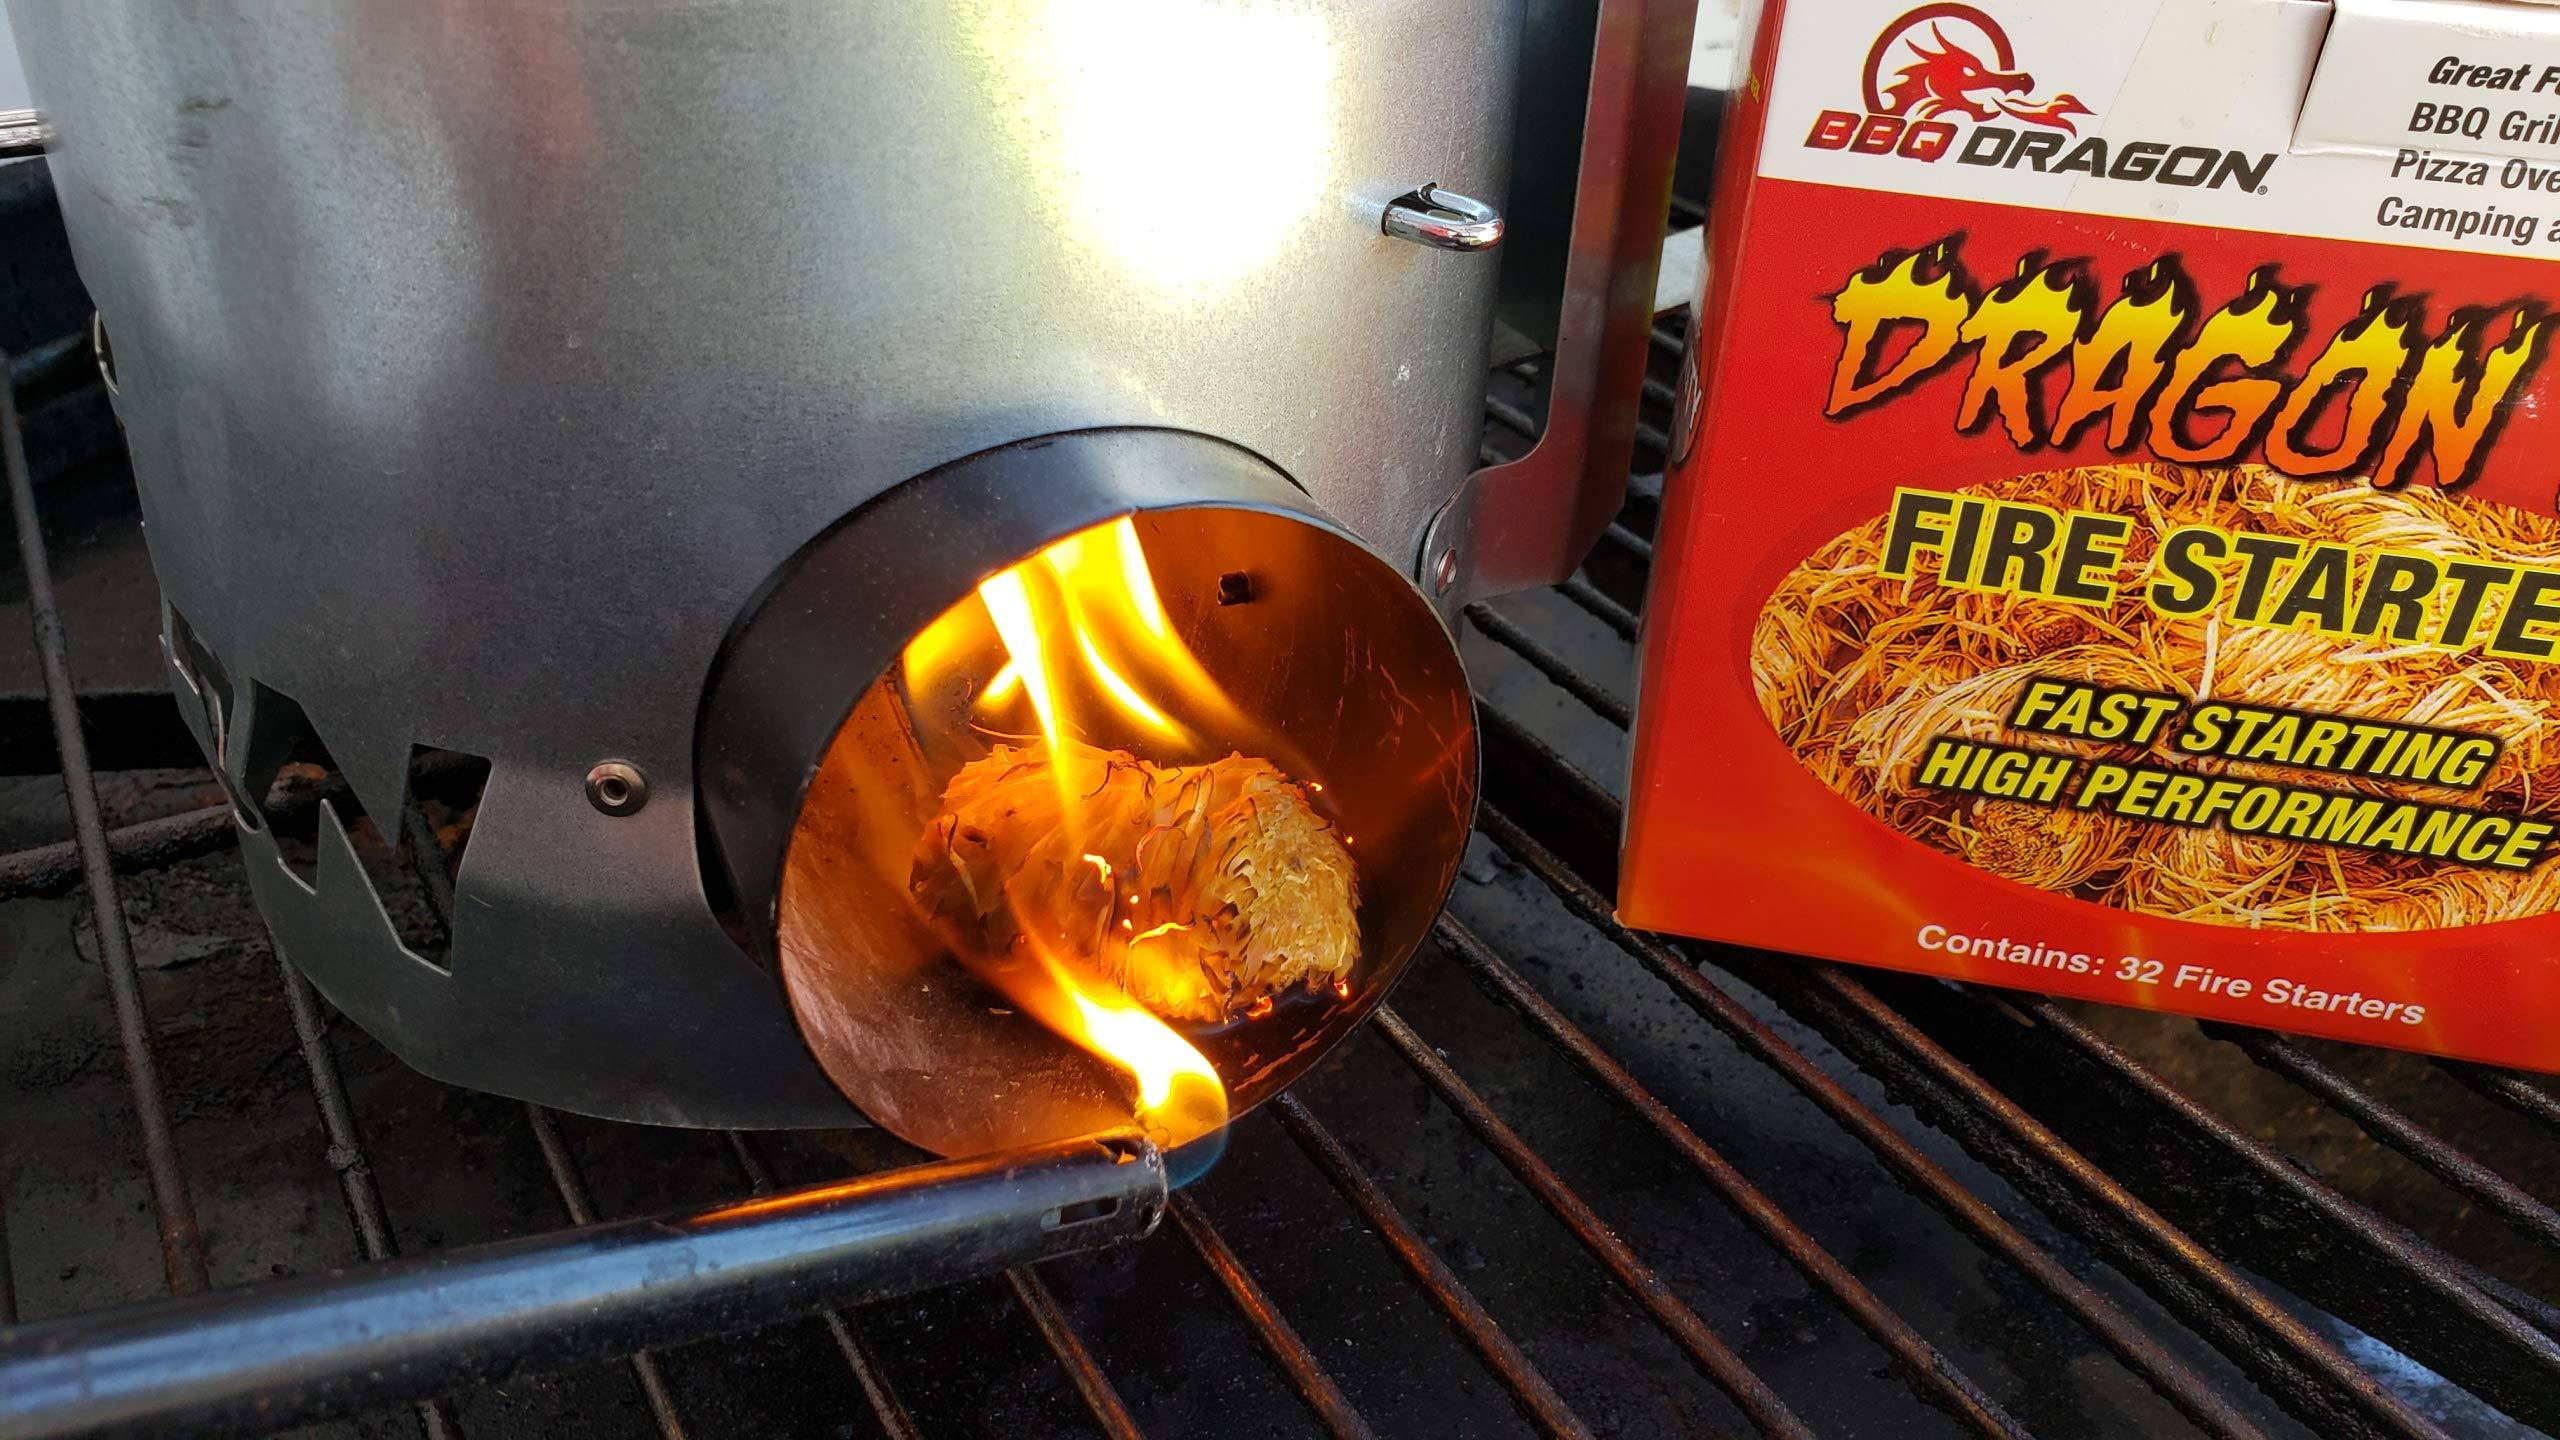 Arrancador de fuego de huevo de dragón para barbacoa – 32 piezas – Arrancador de carbón más rápido para parrilla de carbón, parrillas de Kamado, huevo verde, luces de mechero de parrilla